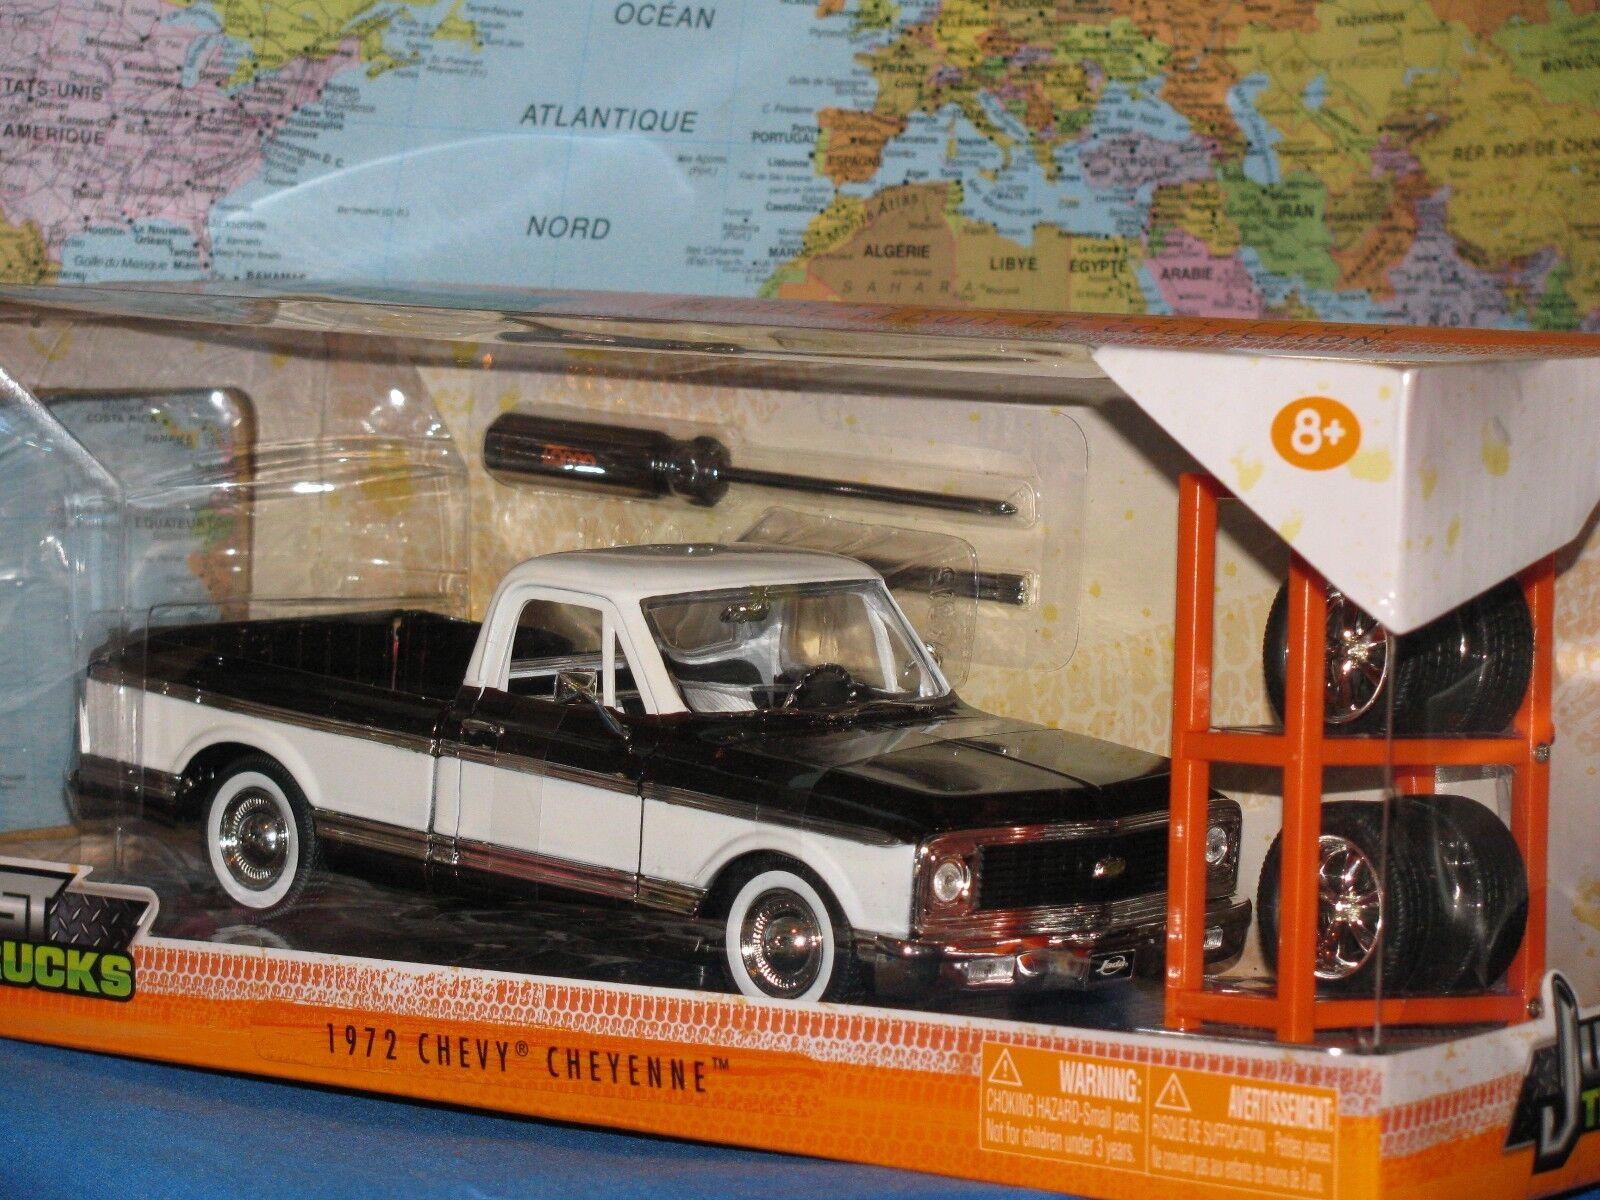 1 24 Jada sólo camiones 1972 Chevy Cheyenne camión 4 X rueda adicional nuevo y muy difícil de encontrar